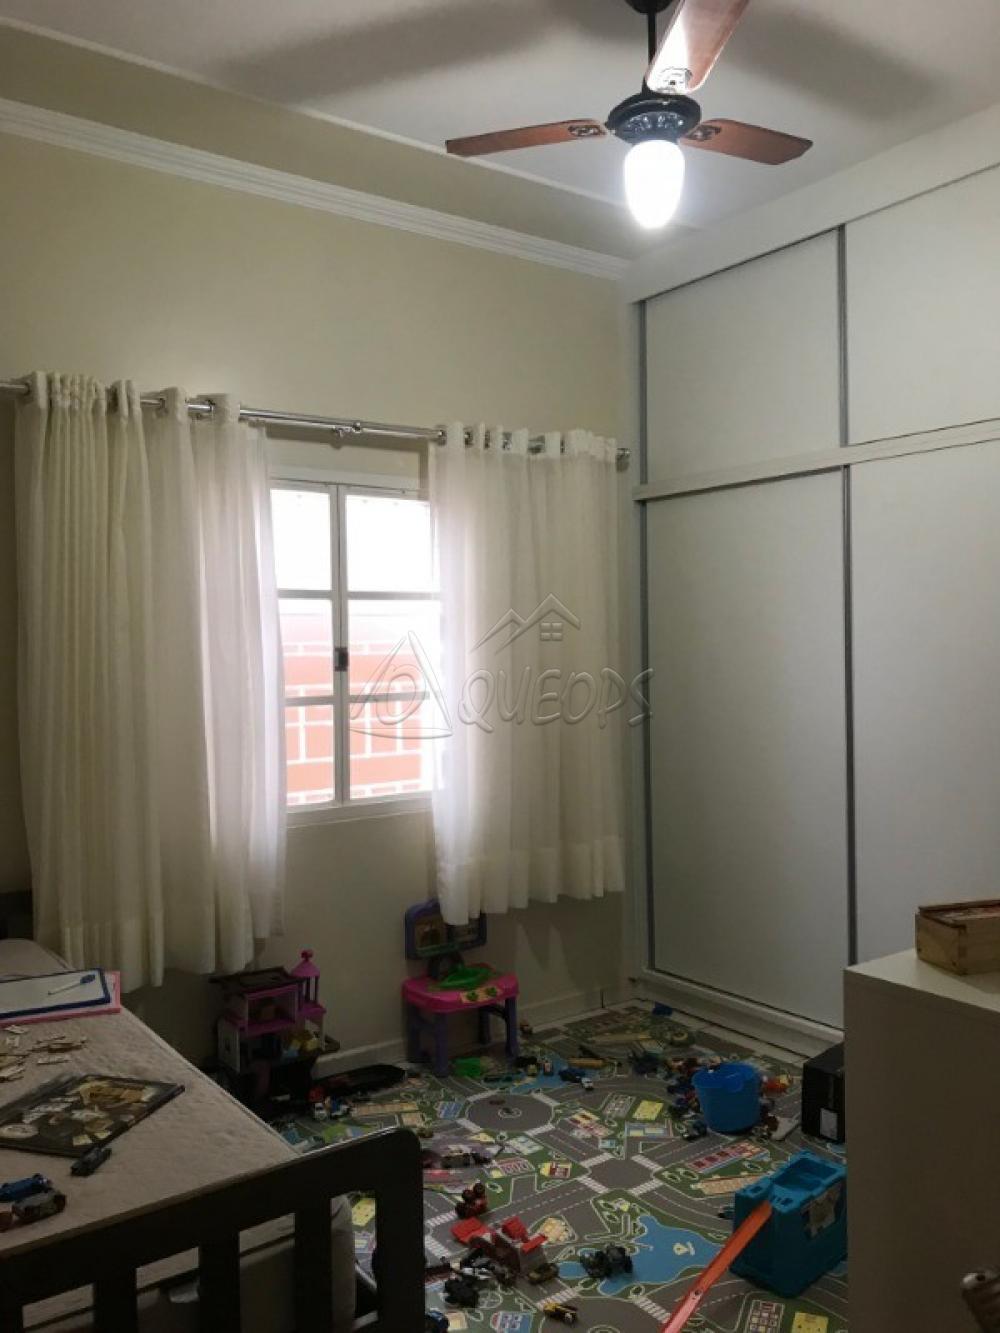 Comprar Casa / Padrão em Barretos apenas R$ 530.000,00 - Foto 9